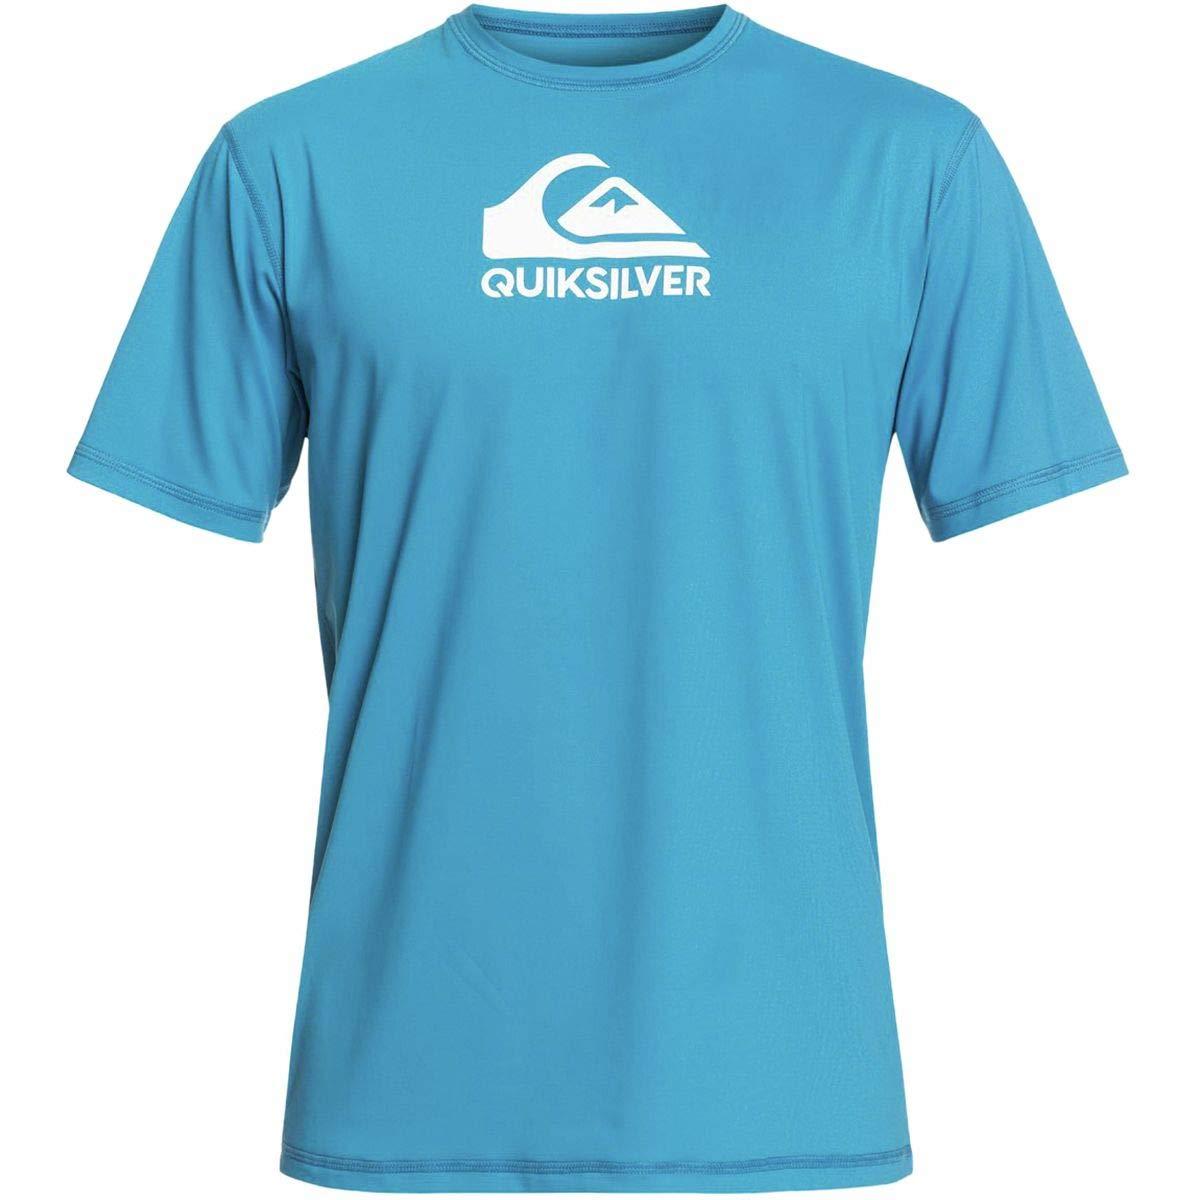 Quiksilver Mens Solid Streak Ls - Short Sleeve Upf 50 Surf T-Shirt Short Sleeve Upf 50 Surf Tee Blue M